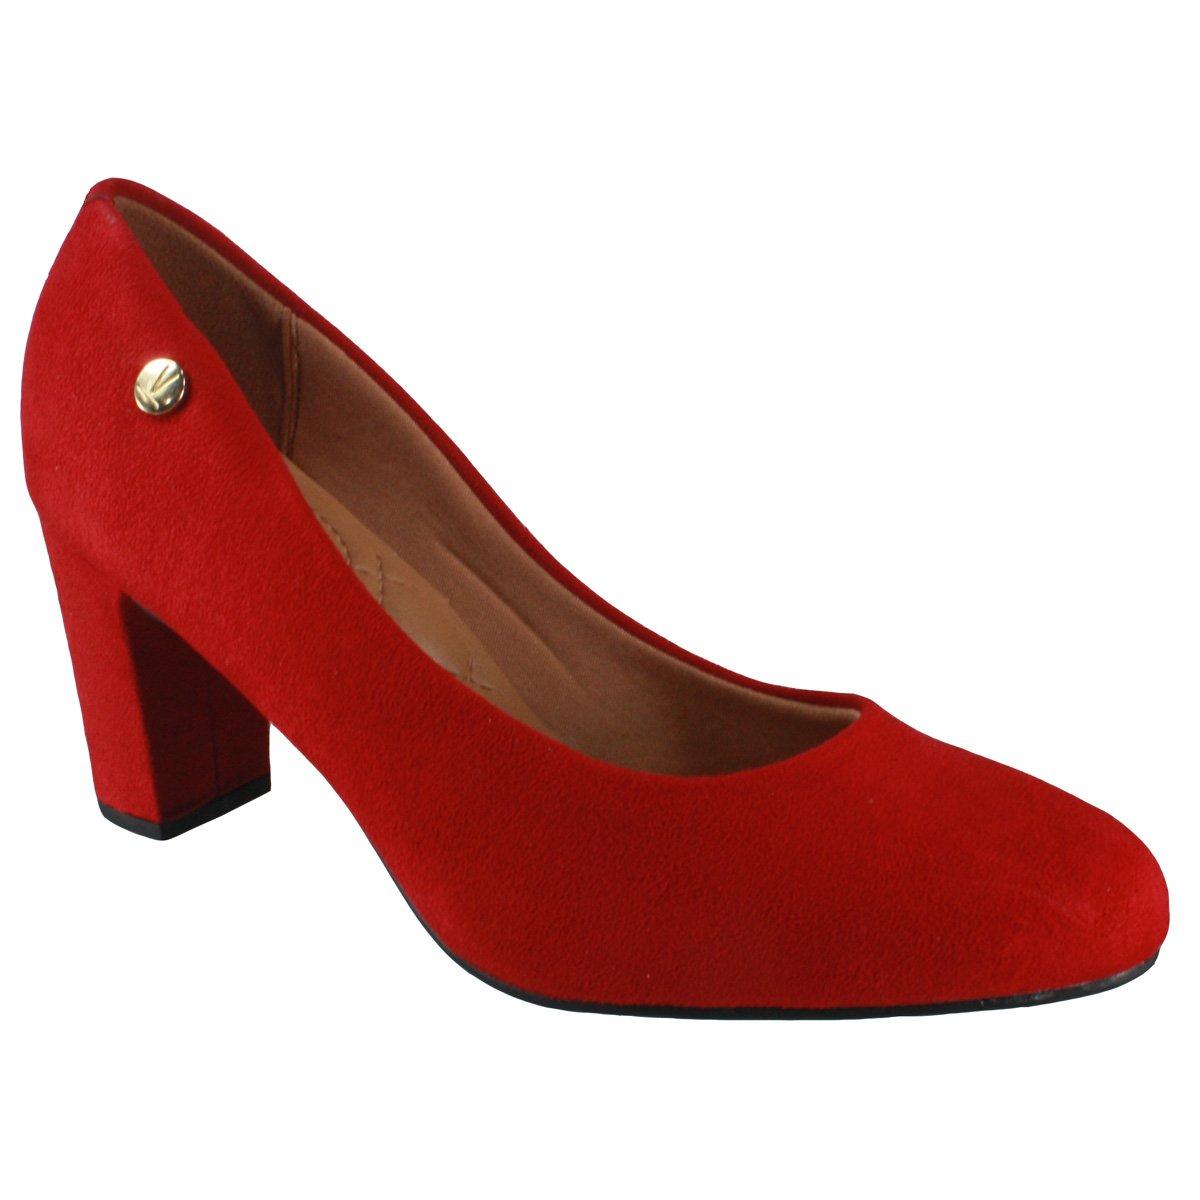 b6b7de084 Sapato Feminino Vizzano 1288.100 5881 46175 - Vermelho (Camurça Flex ...